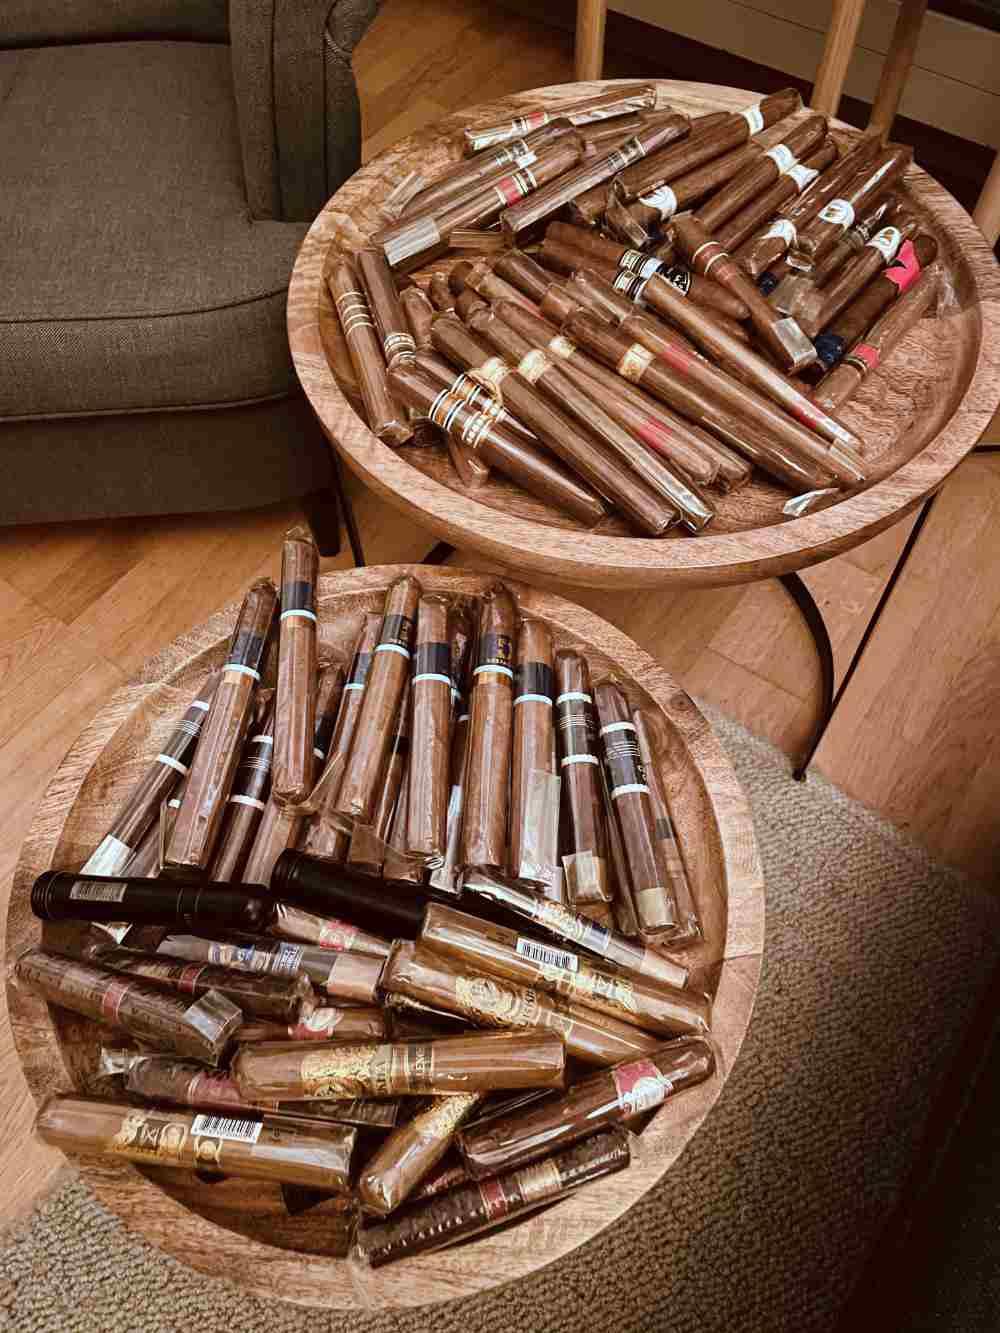 Tomislav Panic 100 Zigarren gewonnen